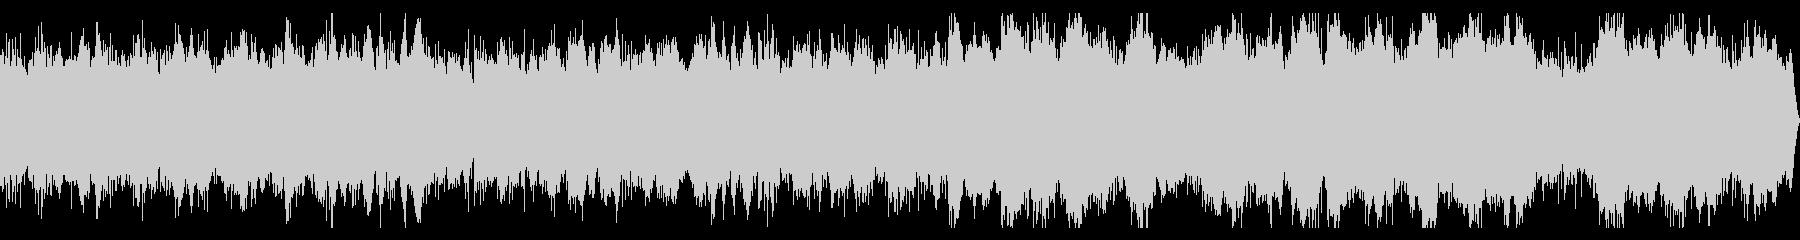 アルペジオが特徴的なアンビエントの未再生の波形